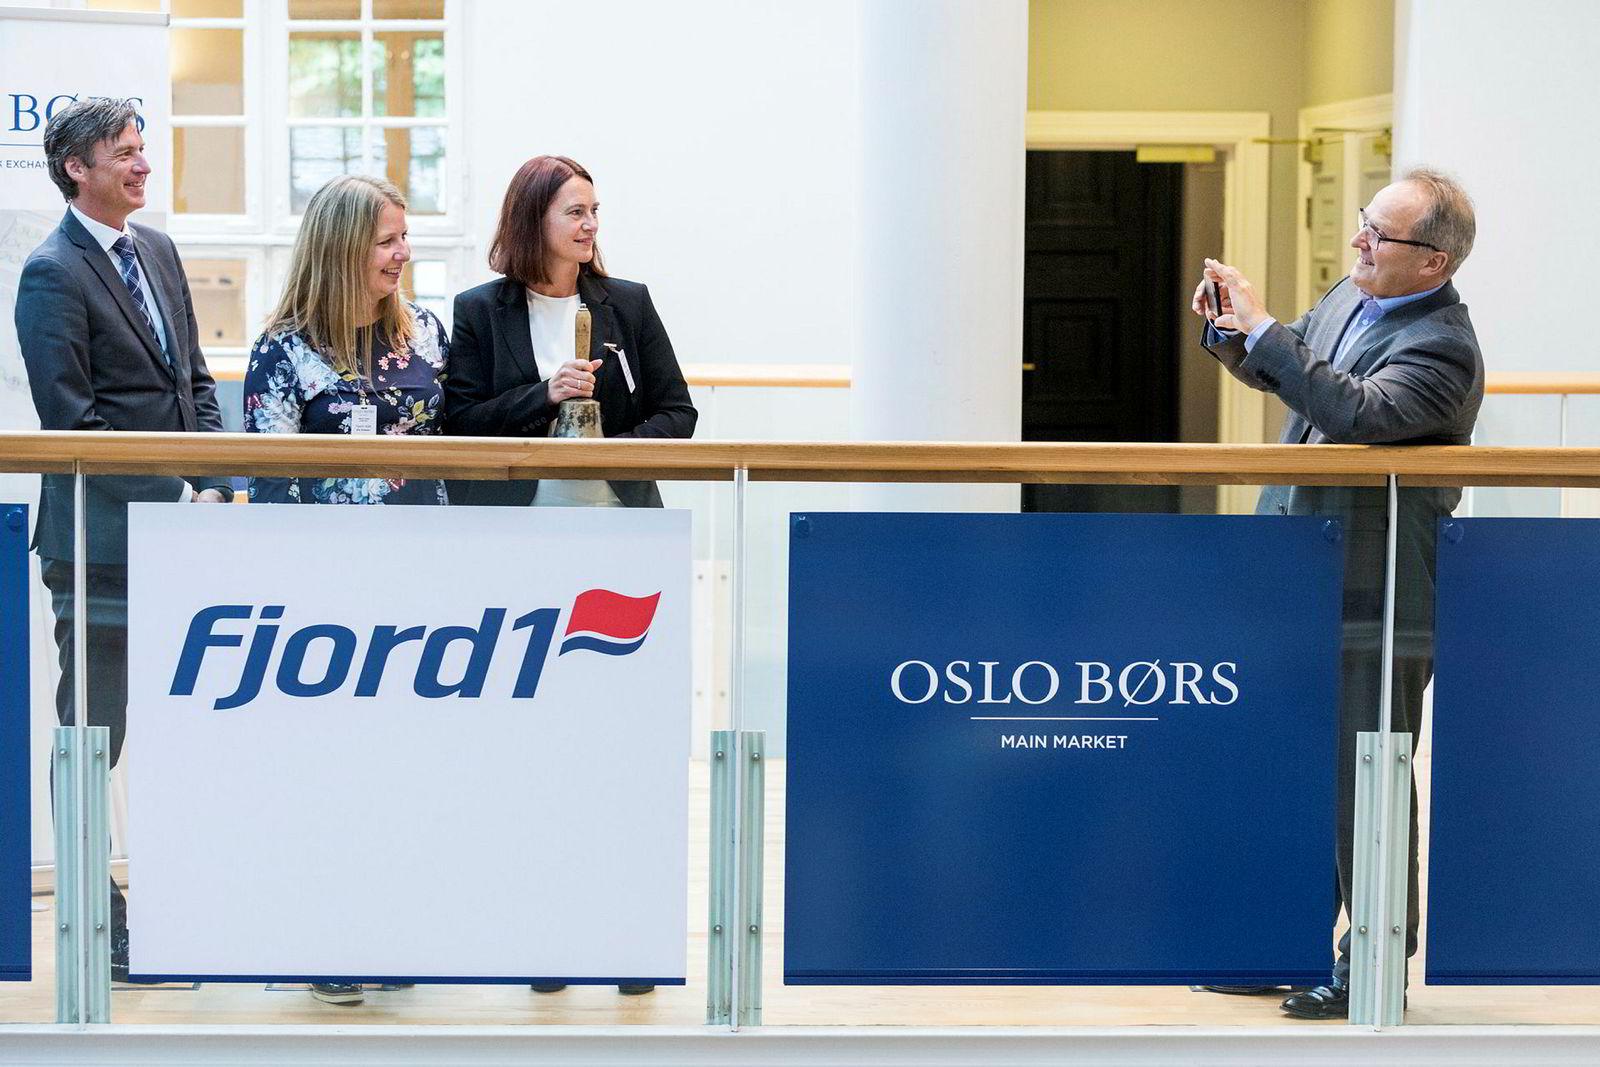 På det meste var Fjord1 verdt 5,5 milliarder kroner på børs i fjor. Nå er verdiene på 3,9 milliarder kroner, etter utbytte på 270 millioner kroner. Fra høyre: Administrerende direktør Dagfinn Neteland, finansdirektør Anne-Mari S. Bøe, økonomisjef Ane Eliassen. Til venstre: Øivind Amundsen fra Oslo Børs.